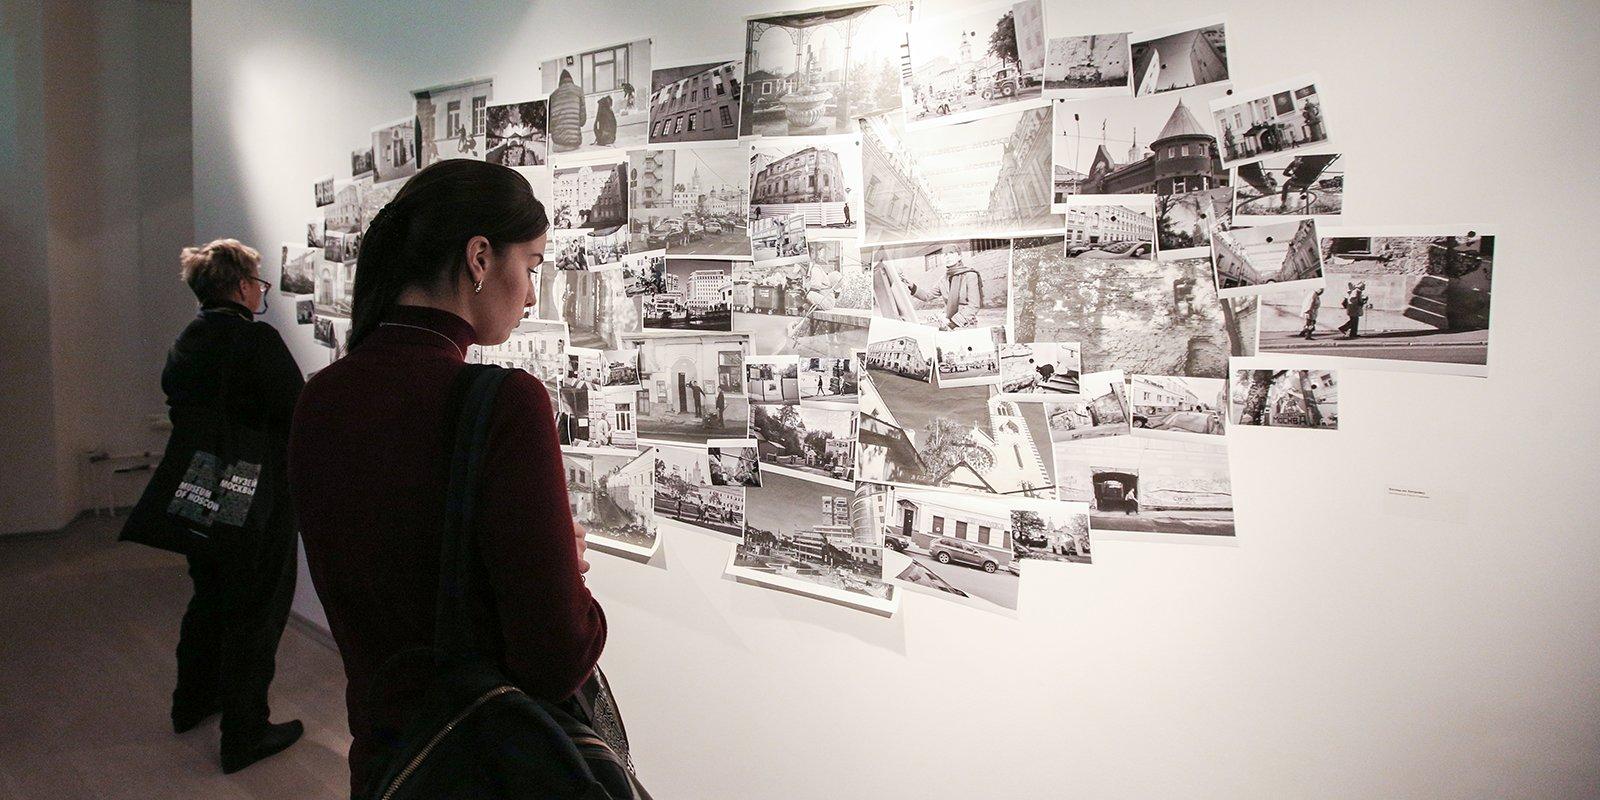 Бесплатные выставки, экскурсии и старинные игры: как пройдет фестиваль «Музей и город»